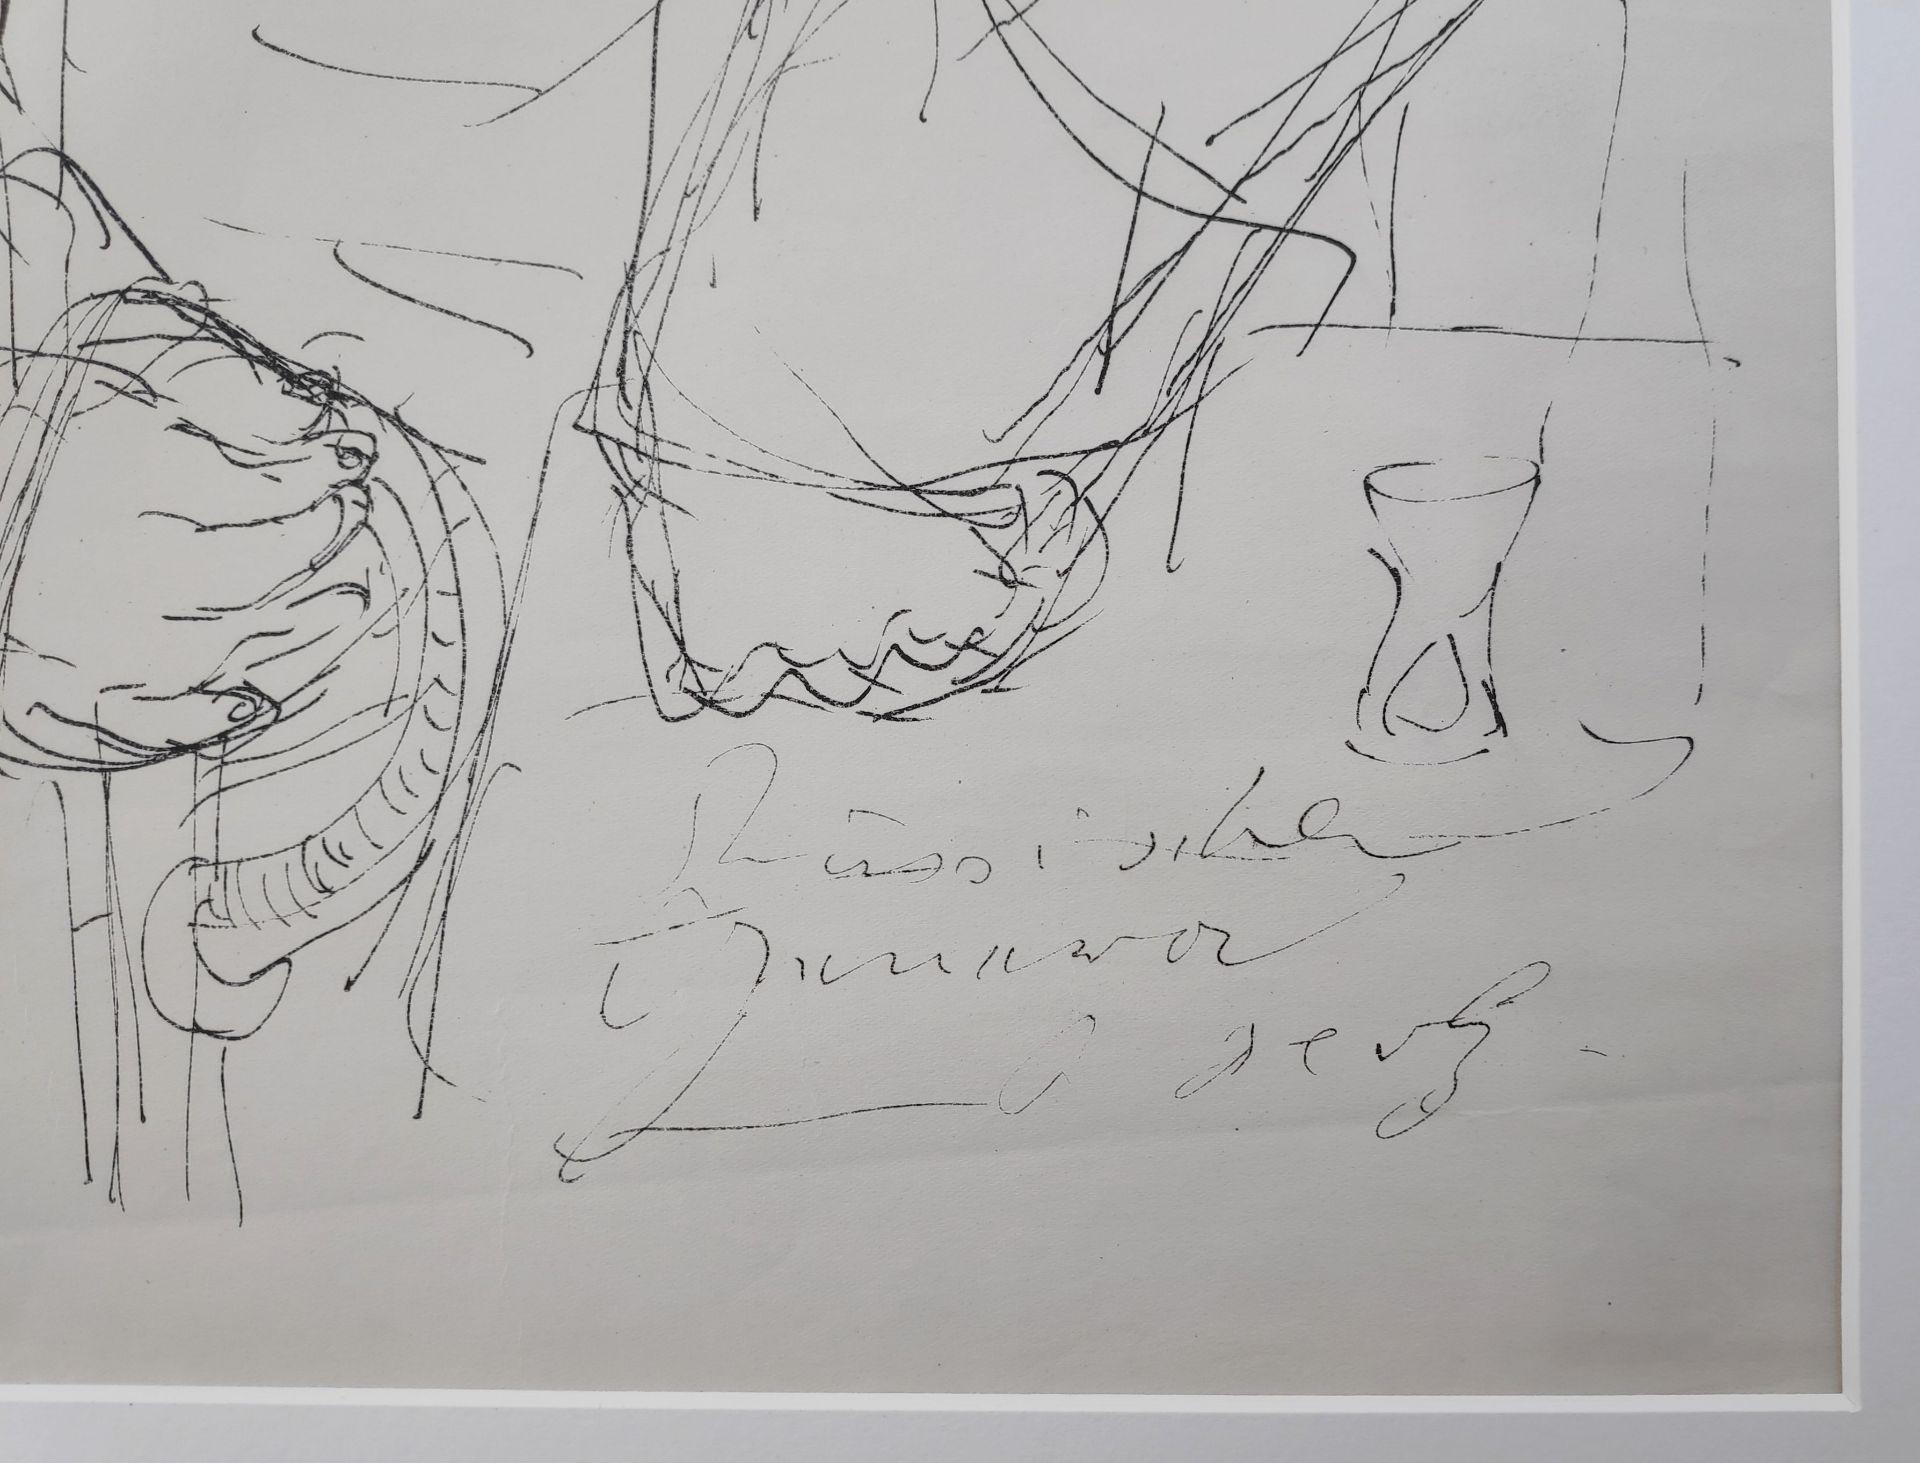 """Holz, Paul (1883 Riesenbrück bei Pasewalk - 1938 Schleswig) """"Russischer General - Zu Dostojewski"""" - Bild 3 aus 3"""